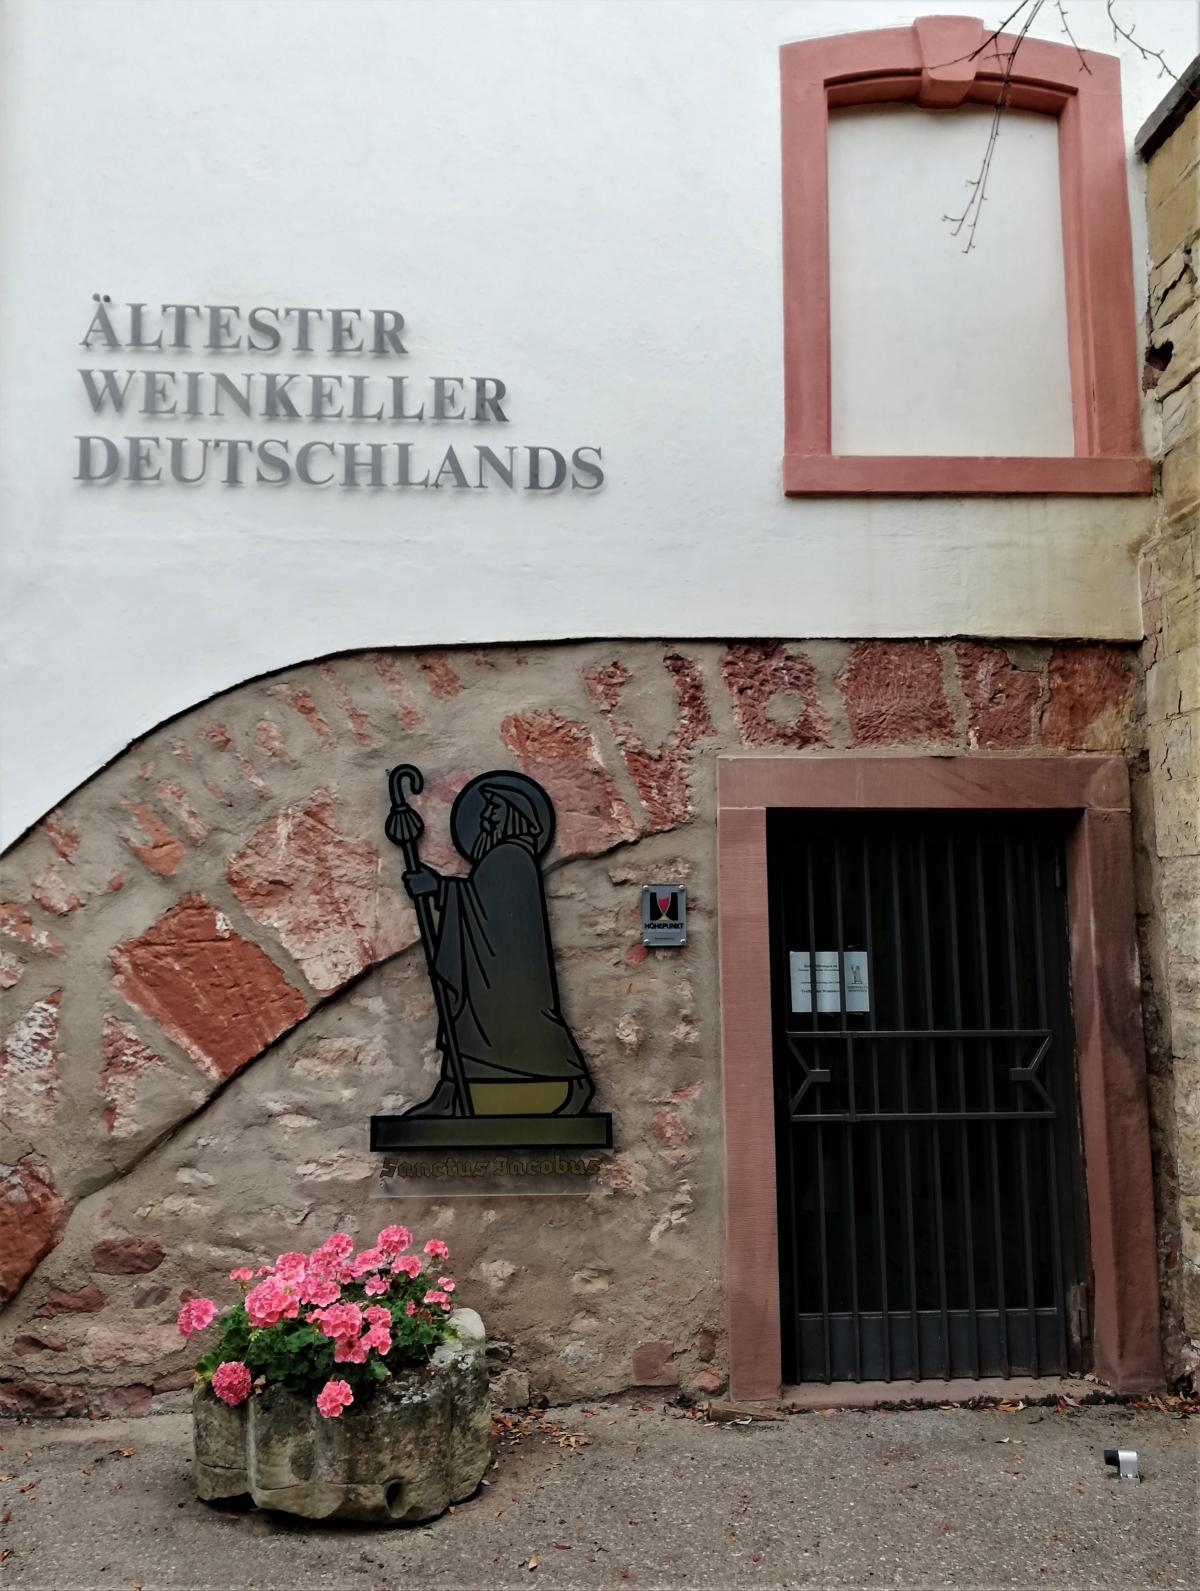 Кажуть - це найстаріший винний льох Німеччини / фото Марина Григоренко